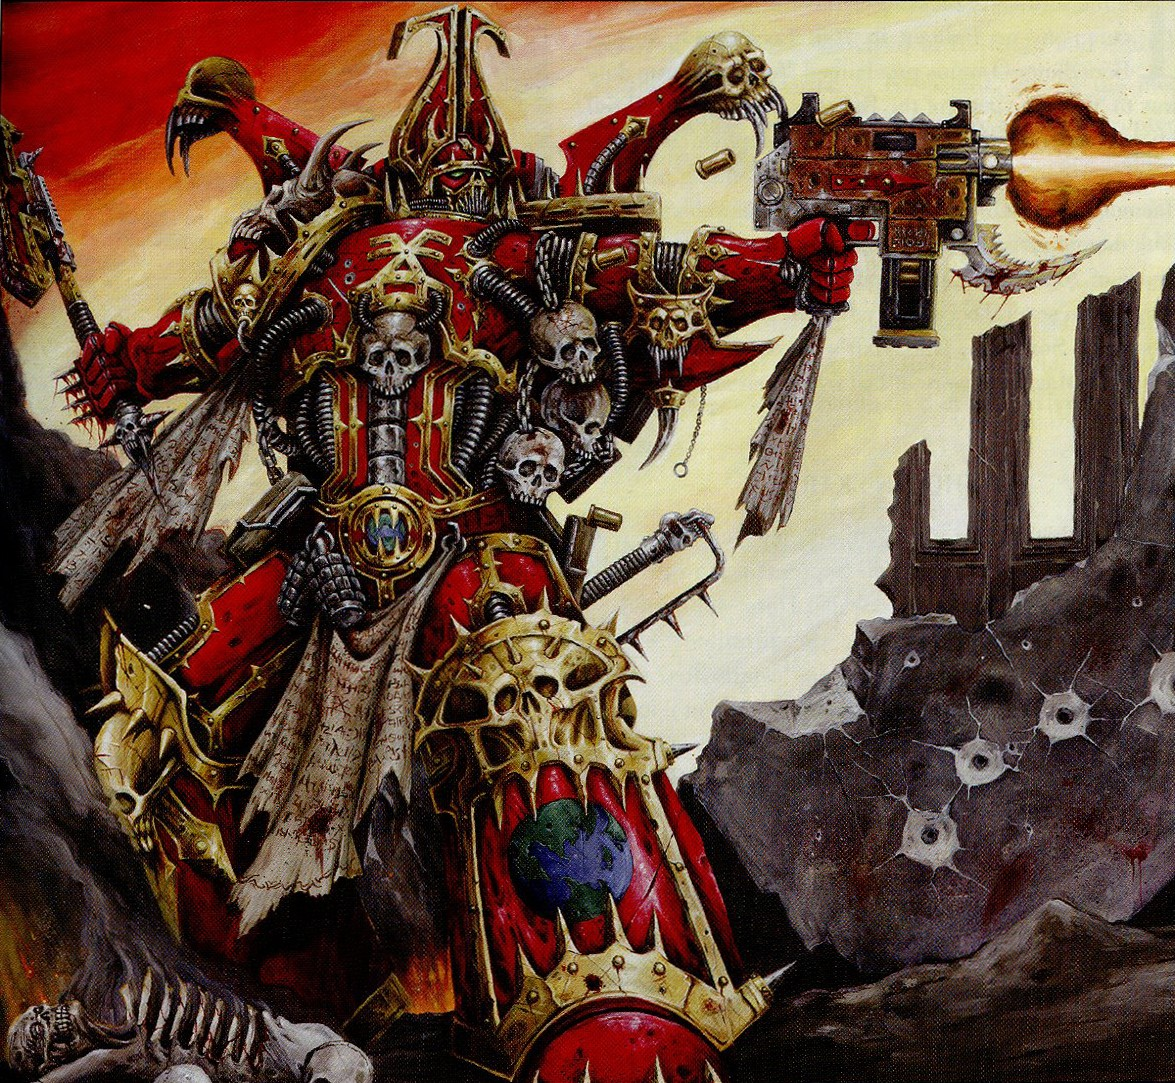 http://1.bp.blogspot.com/-mZuNIHnWY1I/UA_ehj2QxVI/AAAAAAAACbg/kTrOJO0RlUA/s1600/world_warhammer_40k_chaos_space_marines_khorne_desktop_1175x1083_wallpaper-1093300.jpg